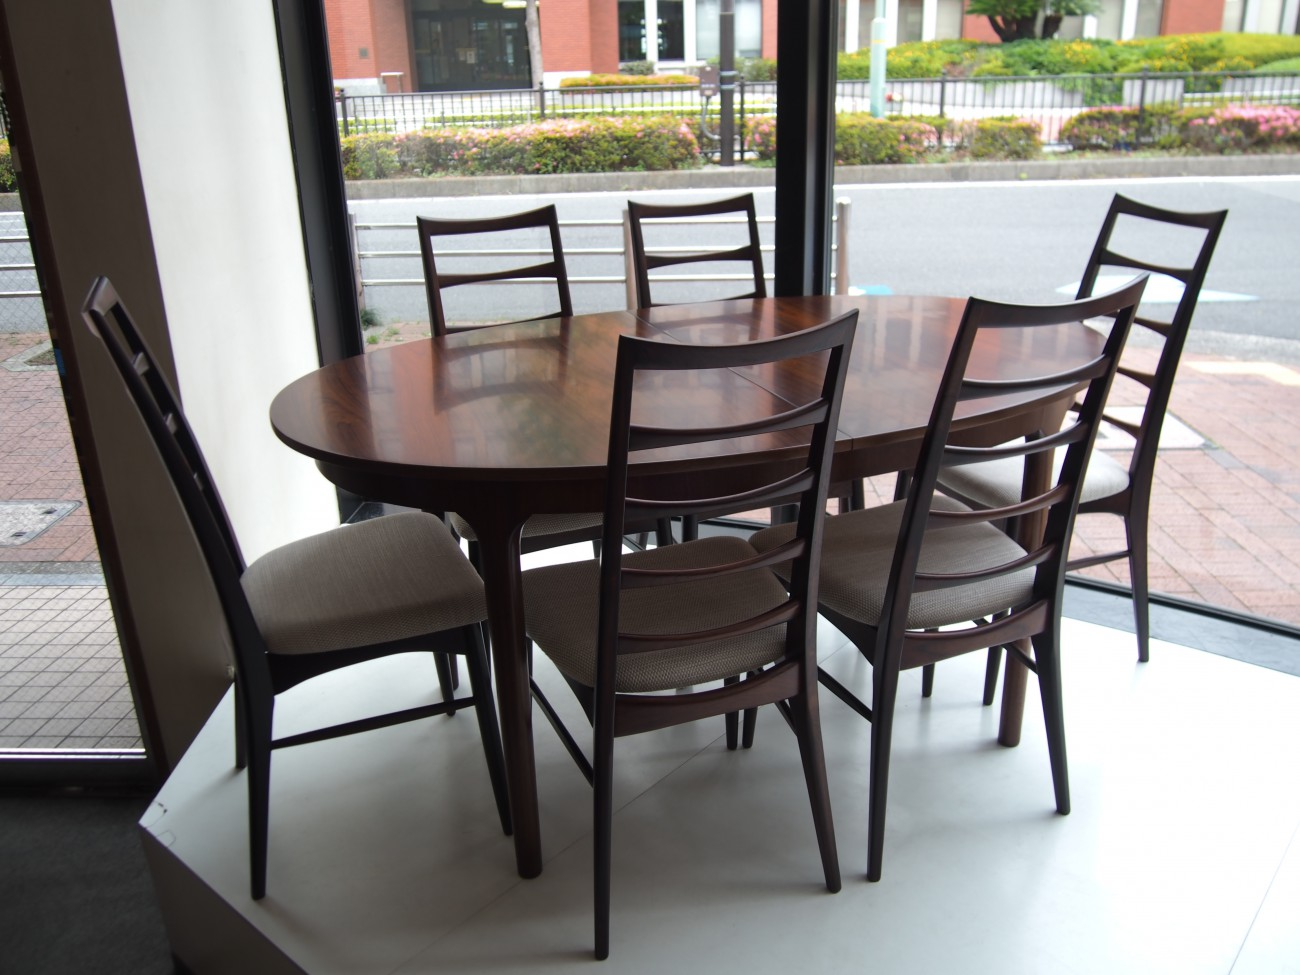 ニールス・コフォード Liz ローズウッドチェアとエクステンションダイニングテーブル A.H.McINTOSH(マッキントッシュ) & CO LTD KIRKCALDY SCOTLAND ビンテージ北欧家具のセット